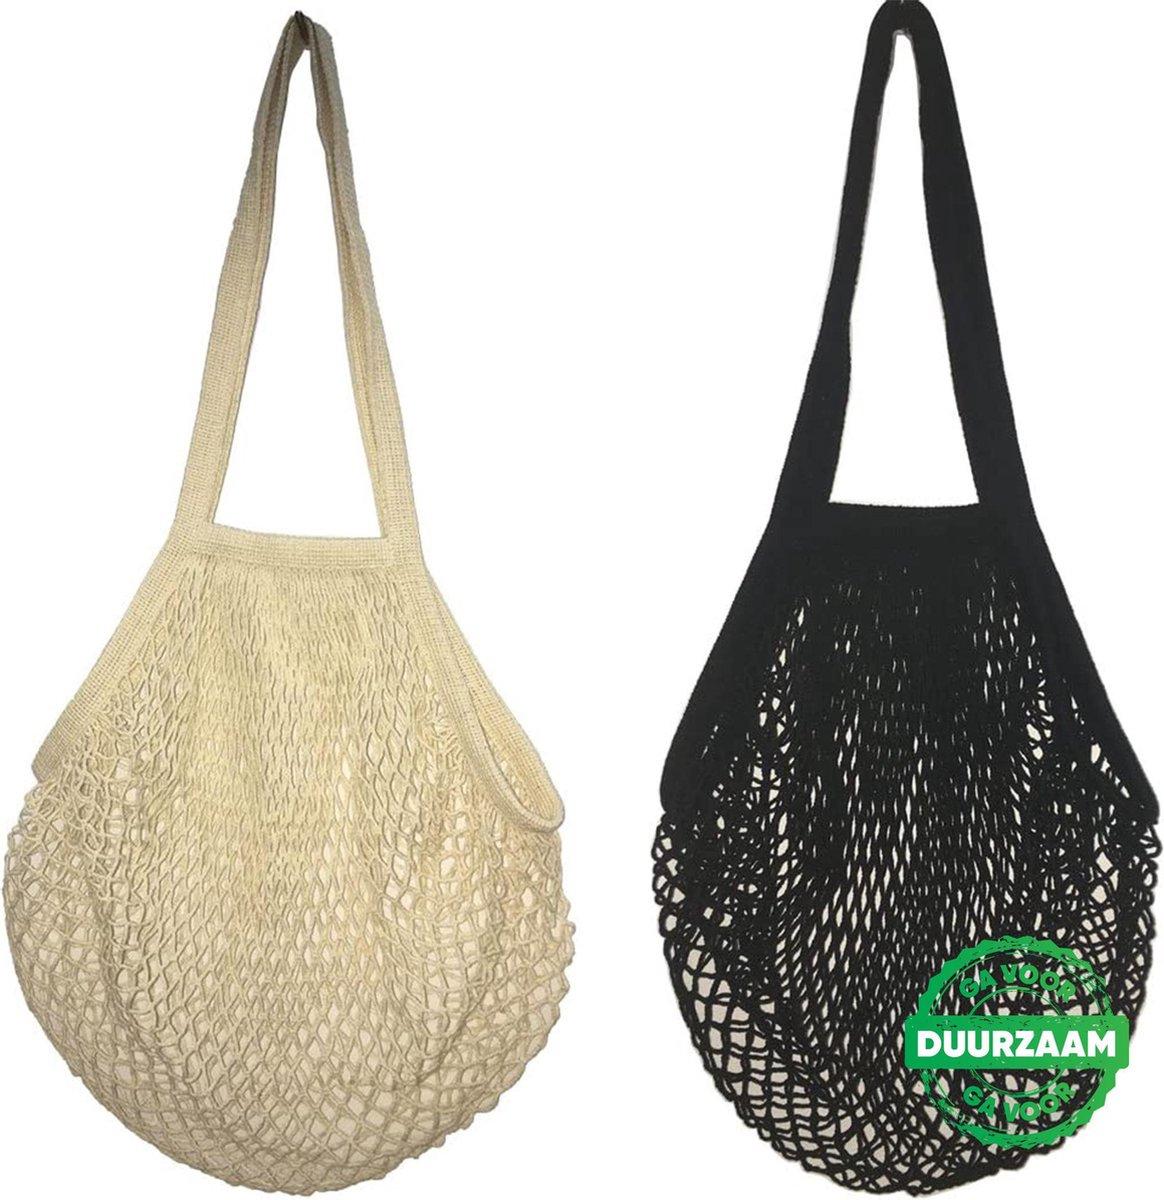 2x XL Zero Waste Nettas Herbruikbare Boodschappentas / Groenten- en fruittas / Eco Bag / Zwart en Be